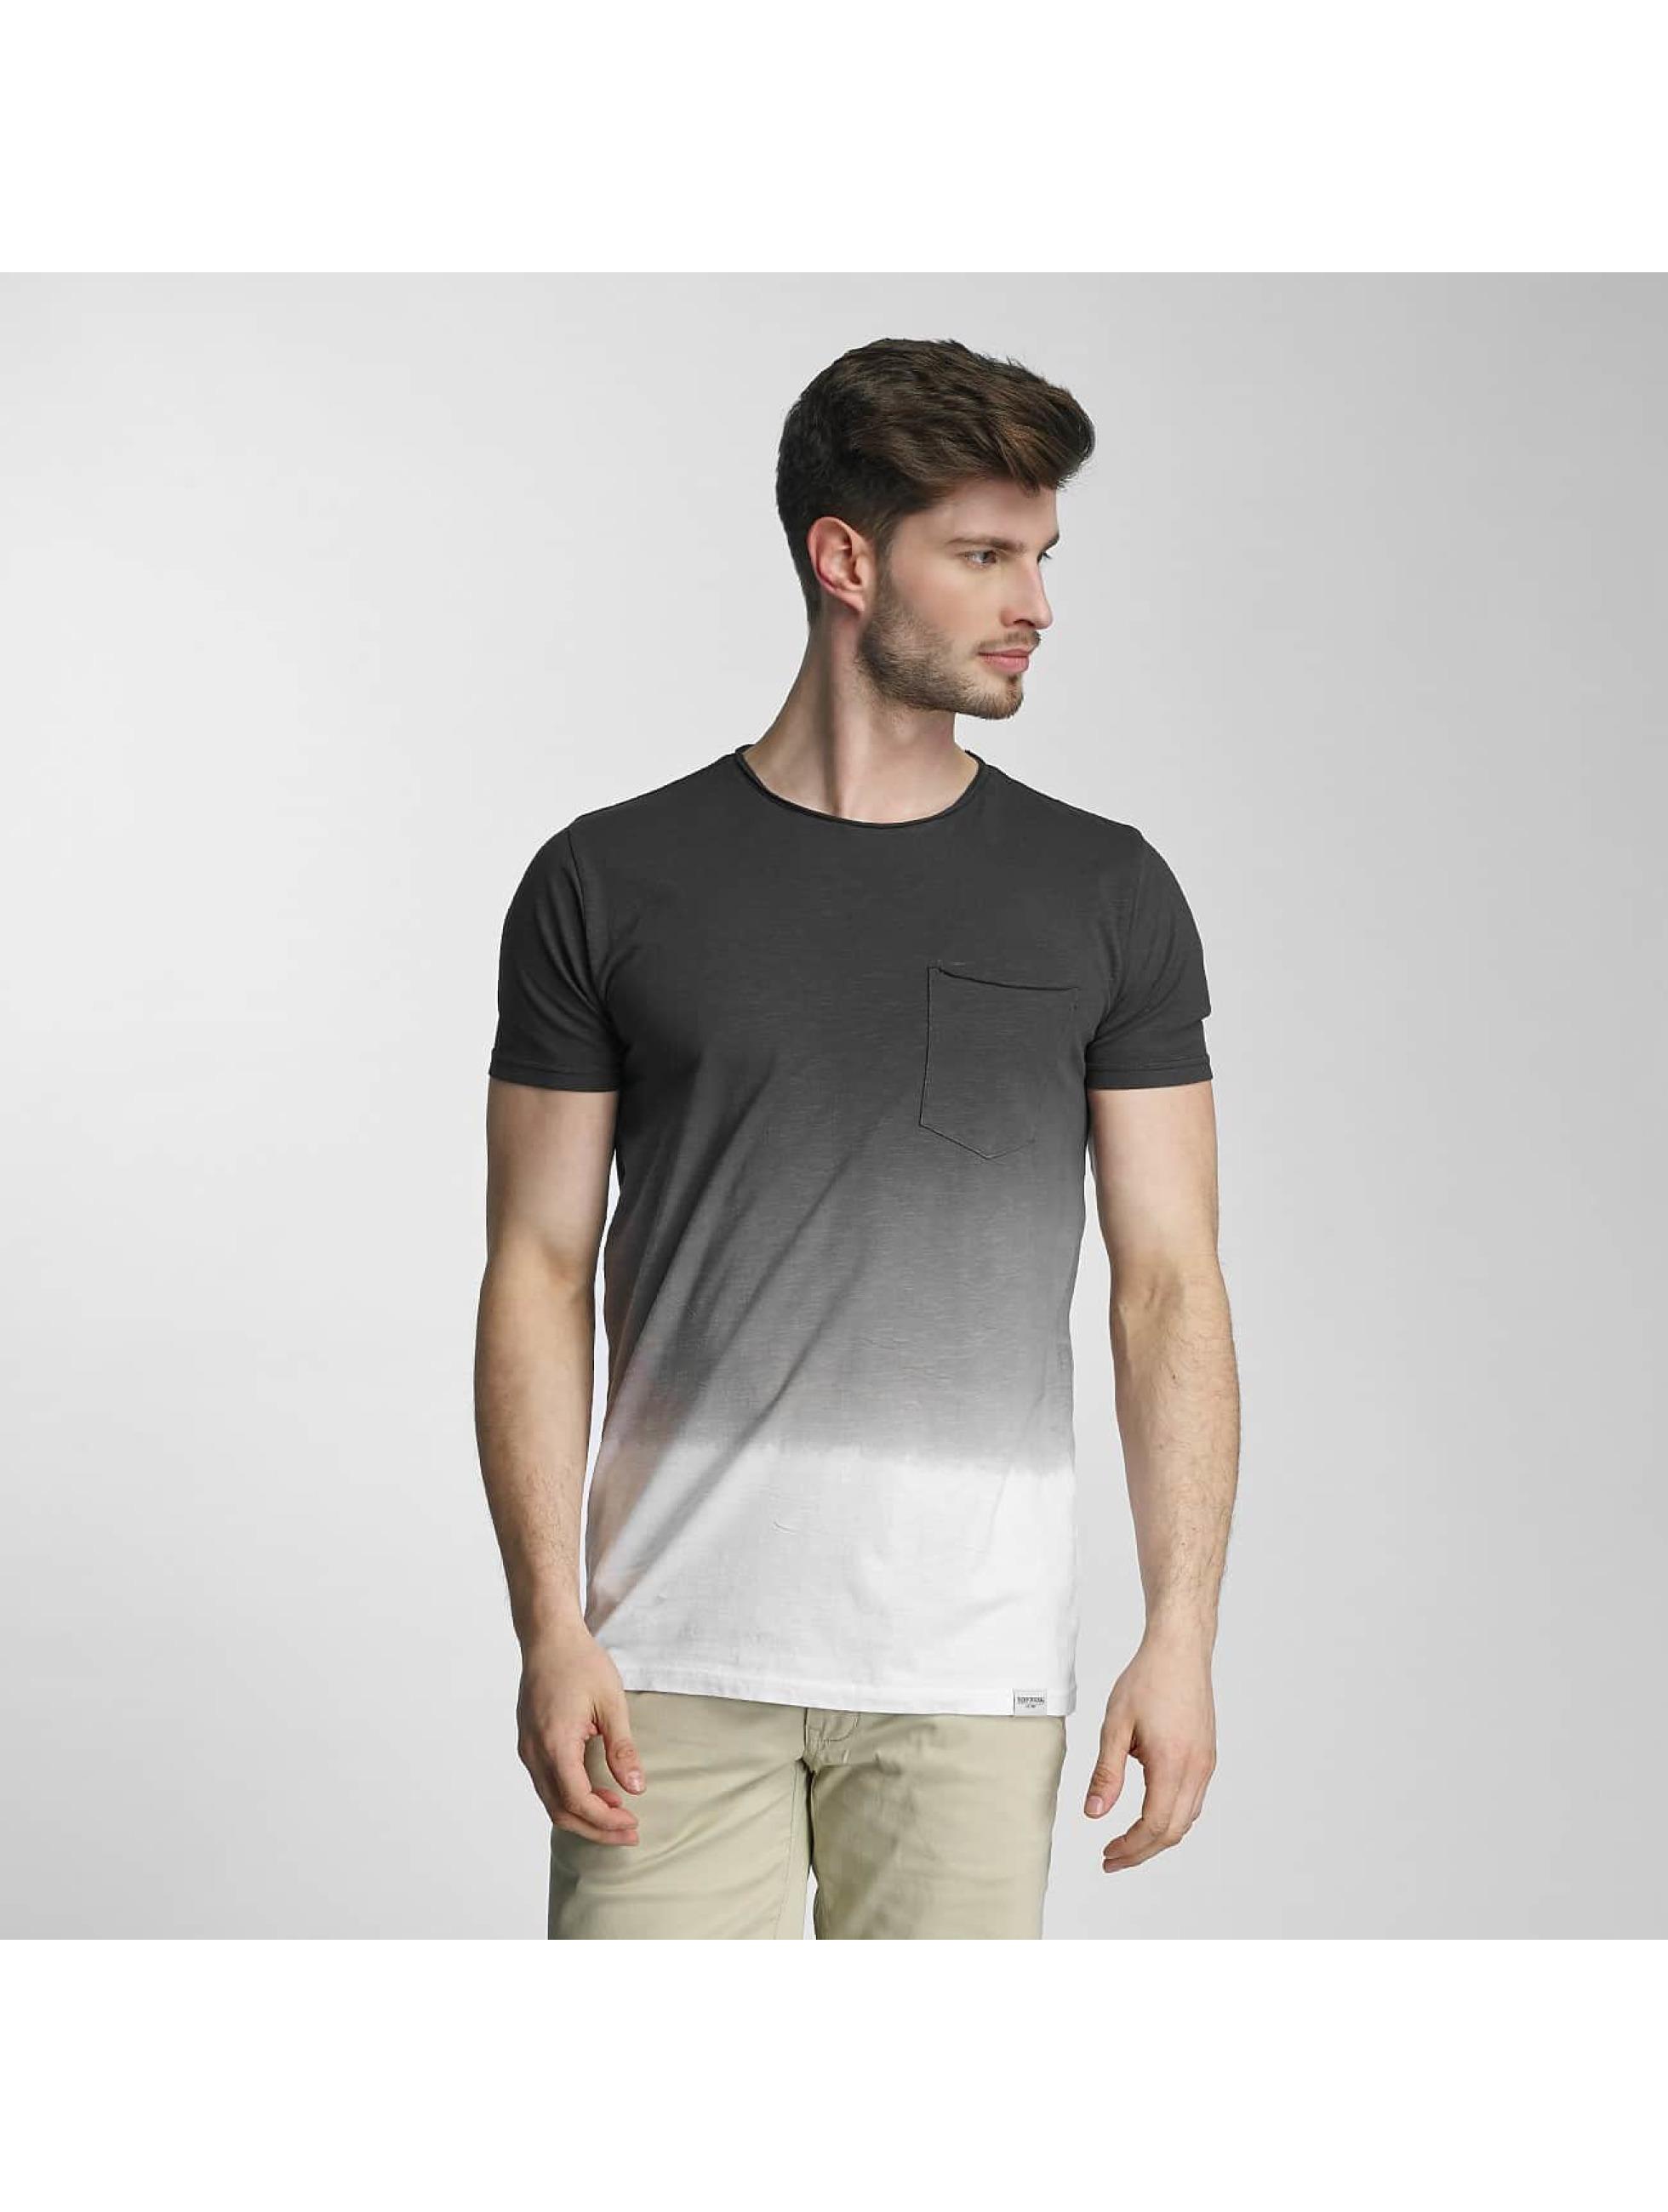 SHINE Original T-shirt Dip Dyed grigio